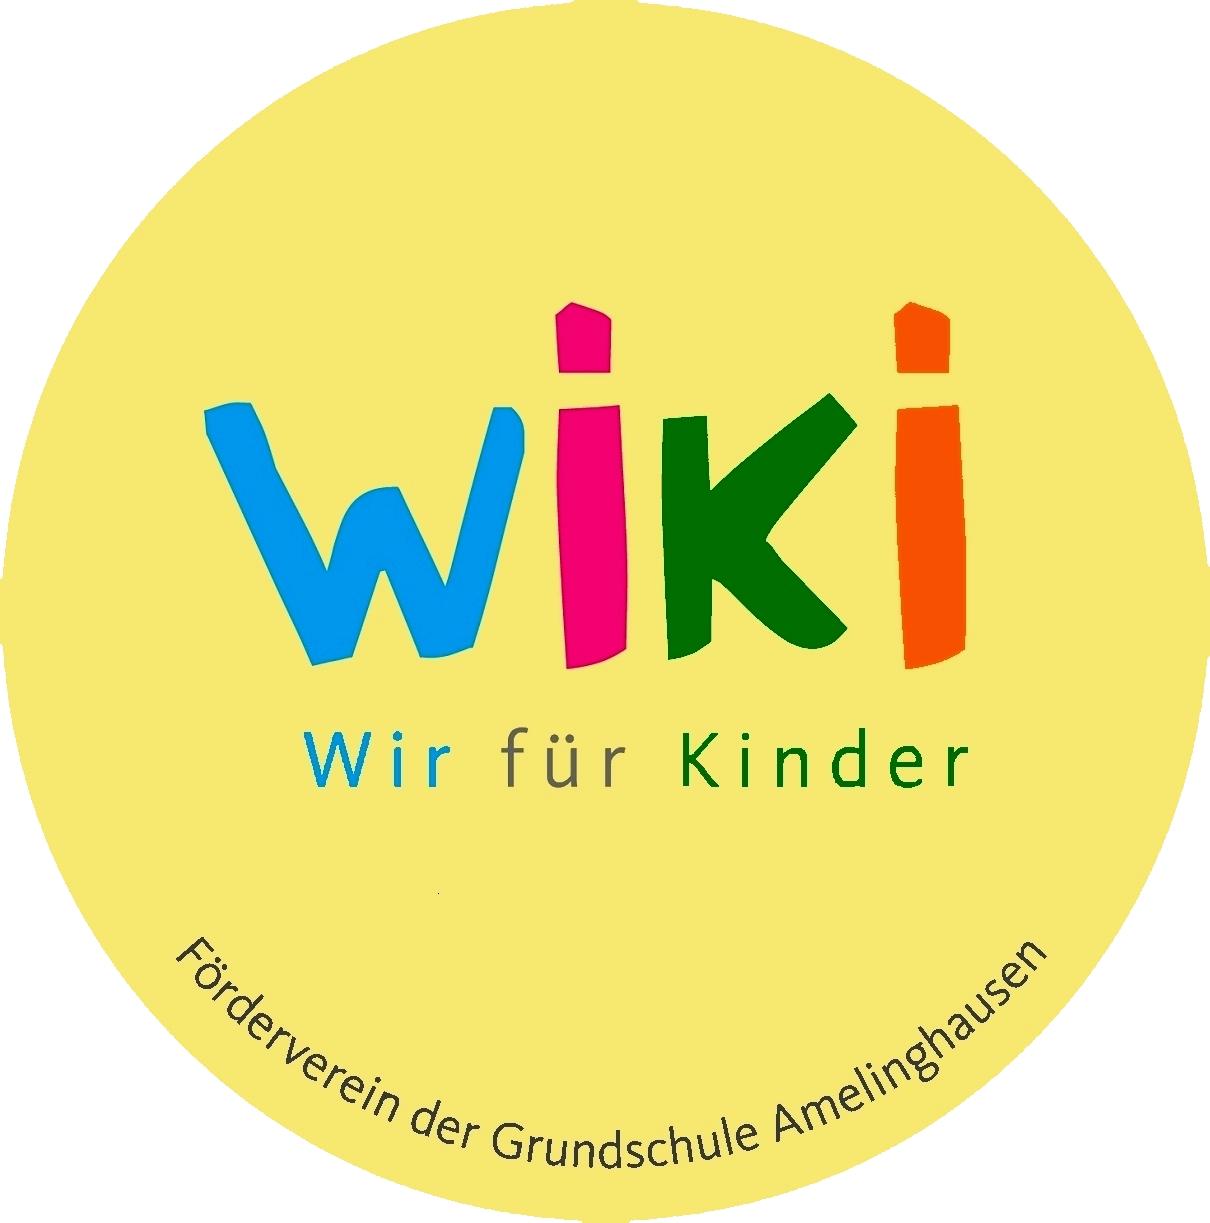 wiki - Wir für Kinder